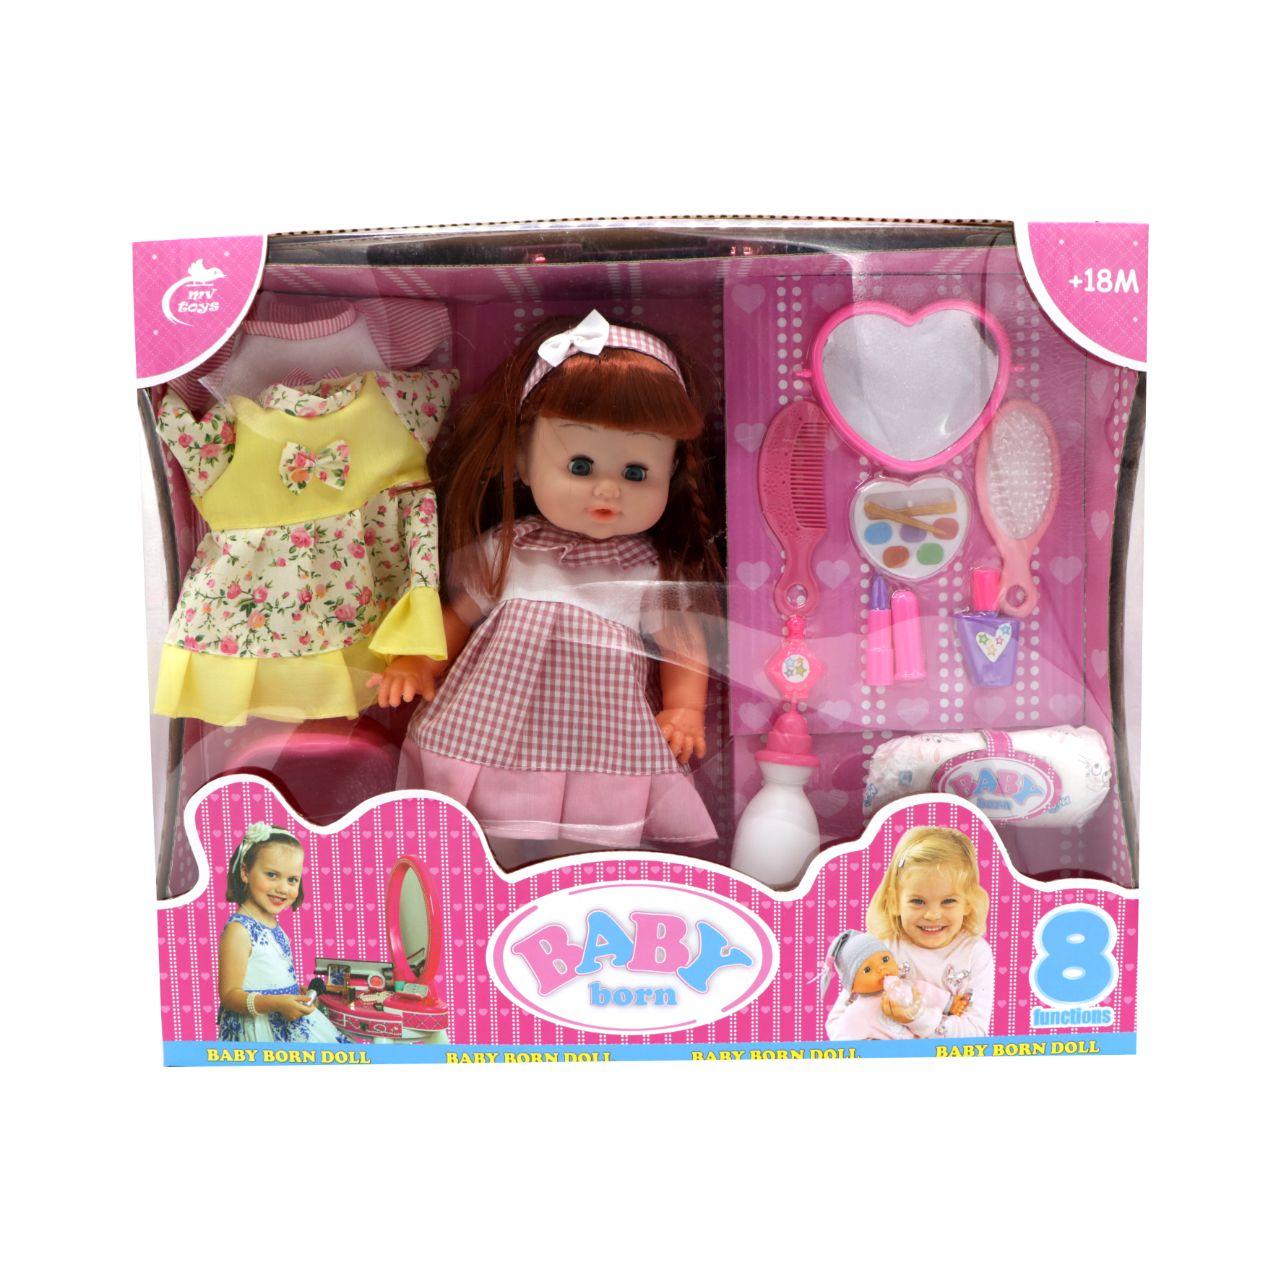 عروسک دختر بیبی بورن همراه با کالسکه مدل 324